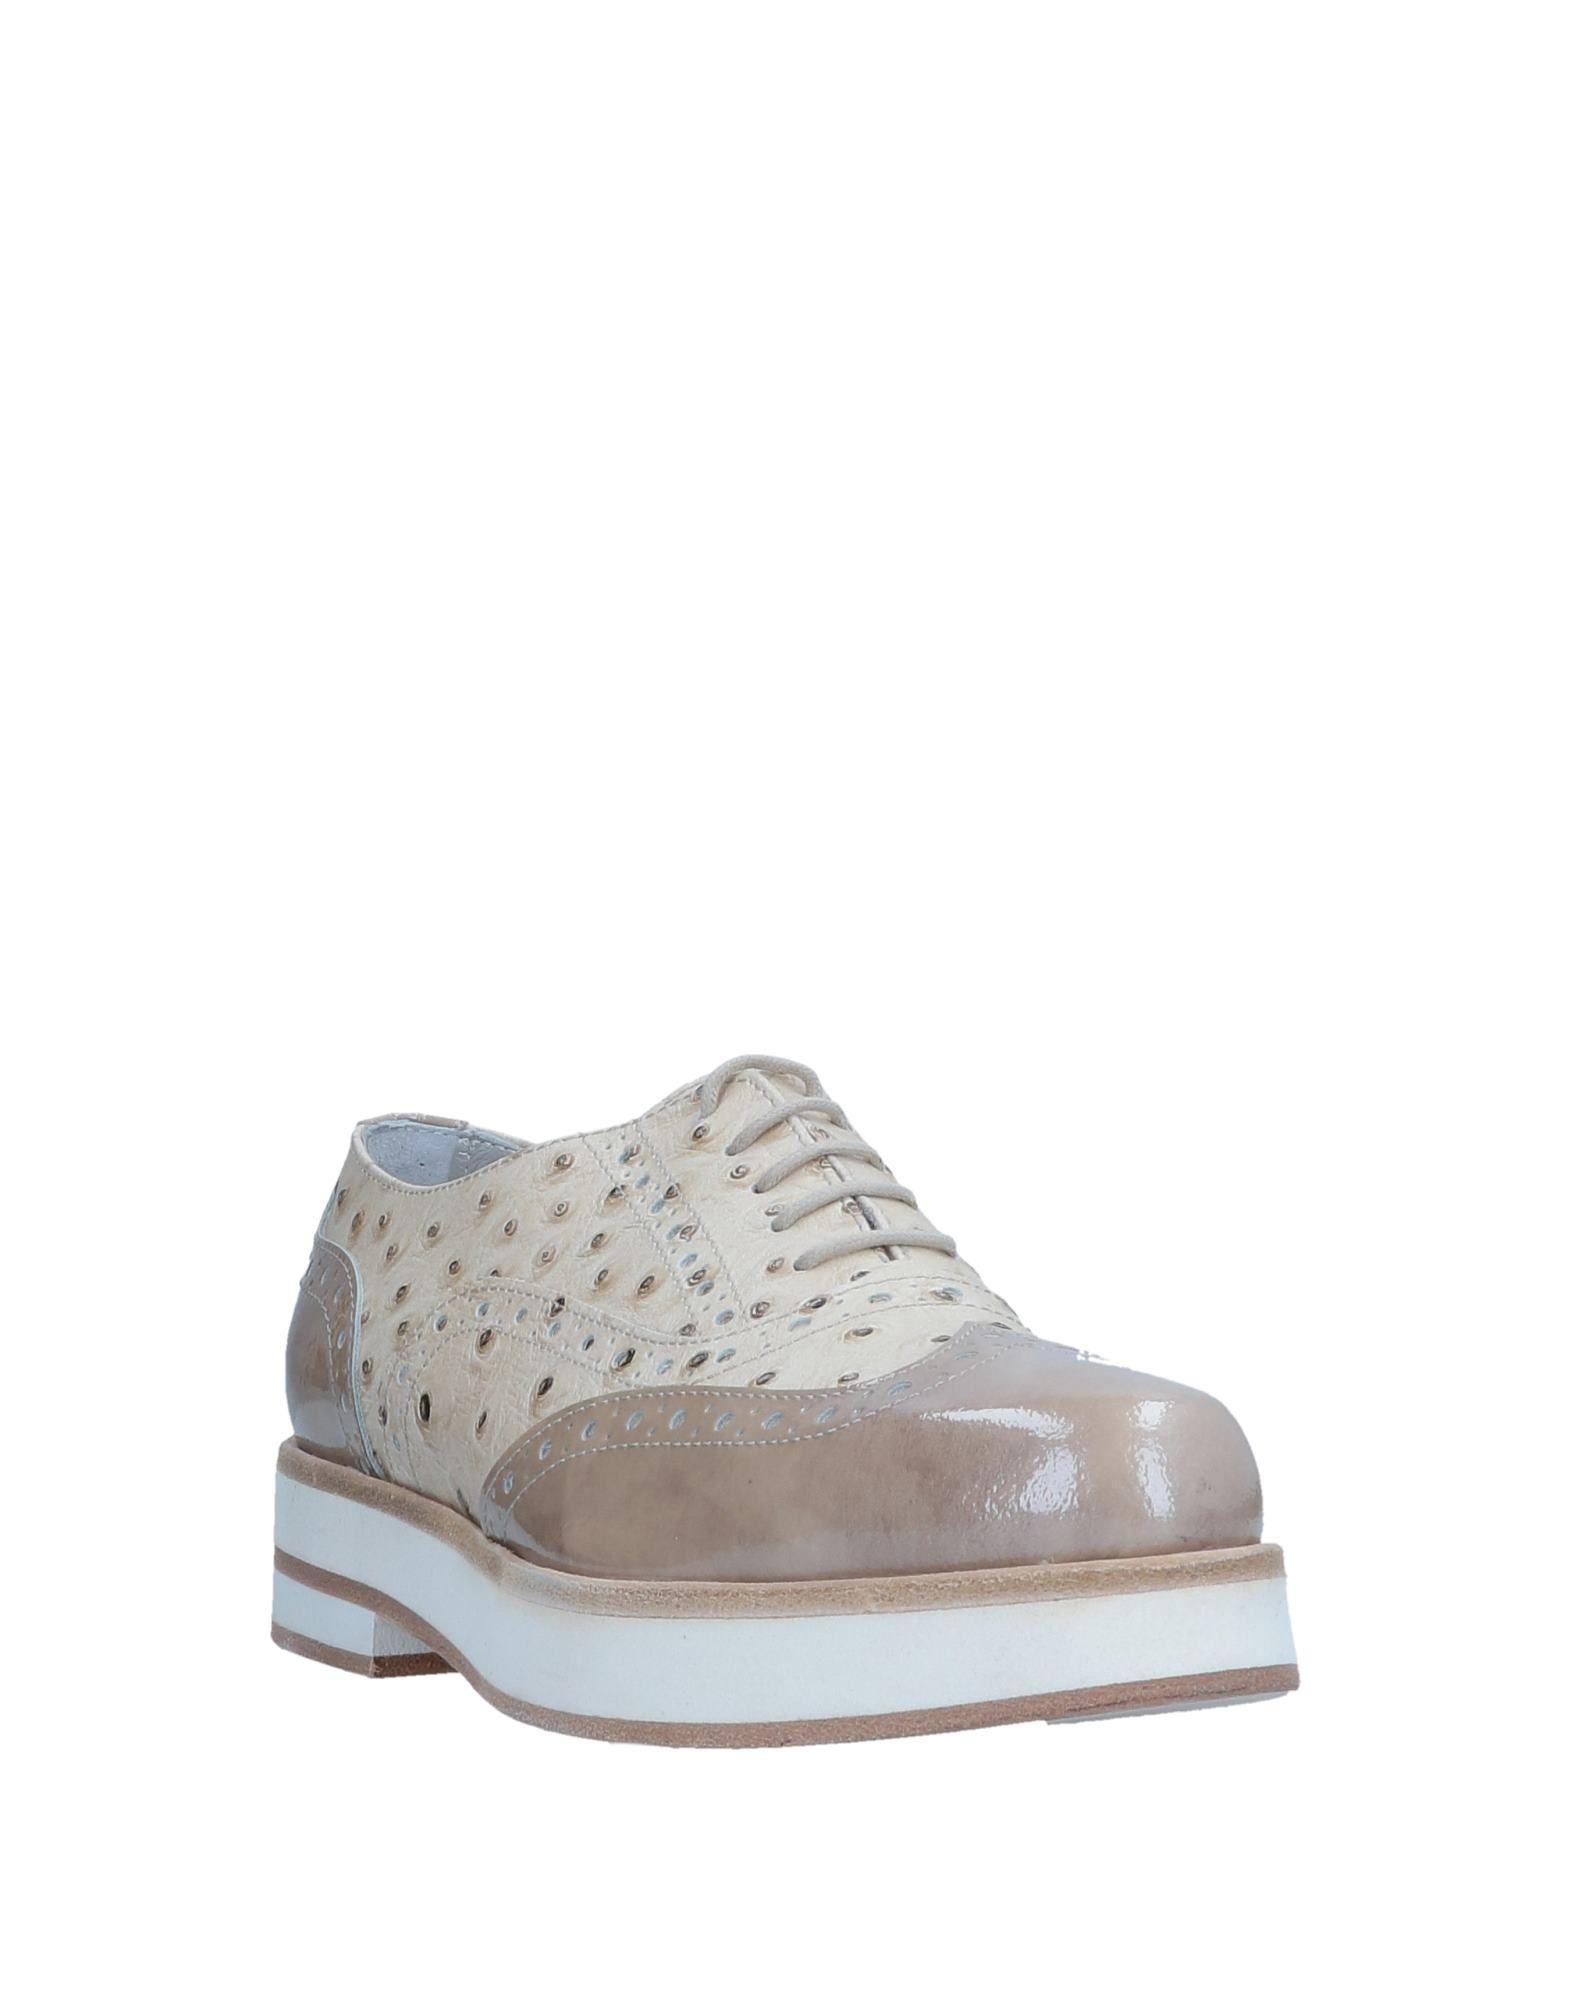 Marechiaro 1962 Schnürschuhe Damen    11548136UL Gute Qualität beliebte Schuhe 2d05d7